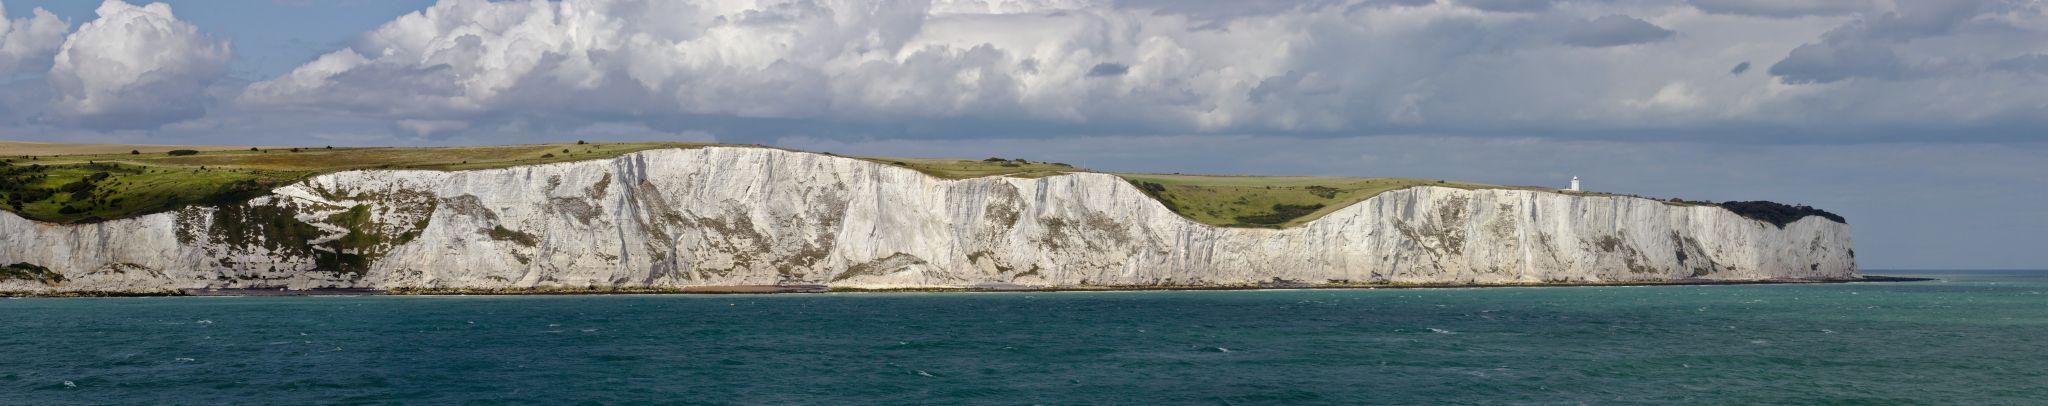 White Cliffs of Dover, United Kingdom